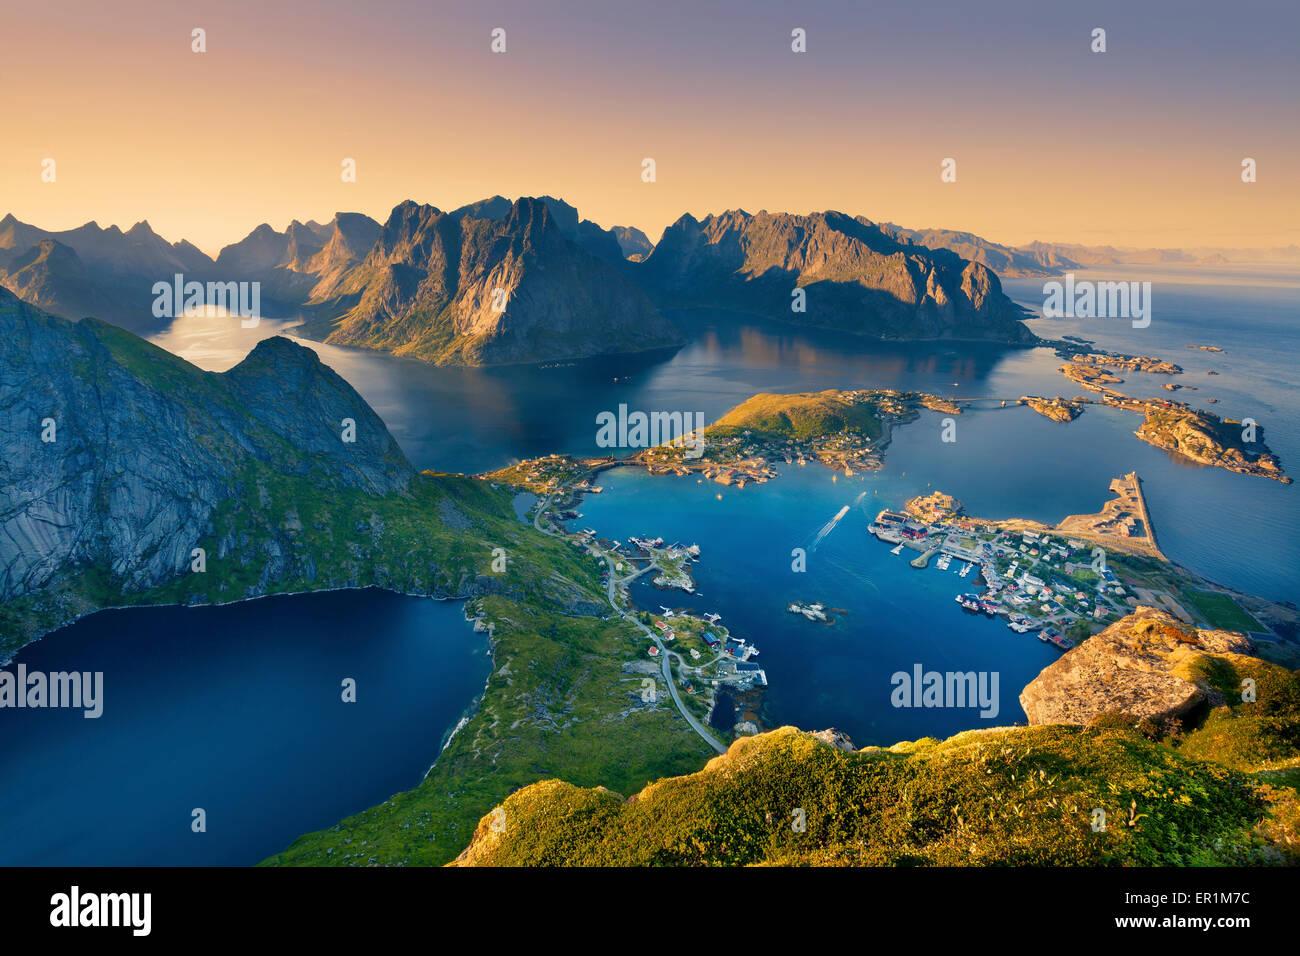 Isole Lofoten. Vista da Reinebringen a isole Lofoten, situato in Norvegia durante il periodo estivo il tramonto. Immagini Stock